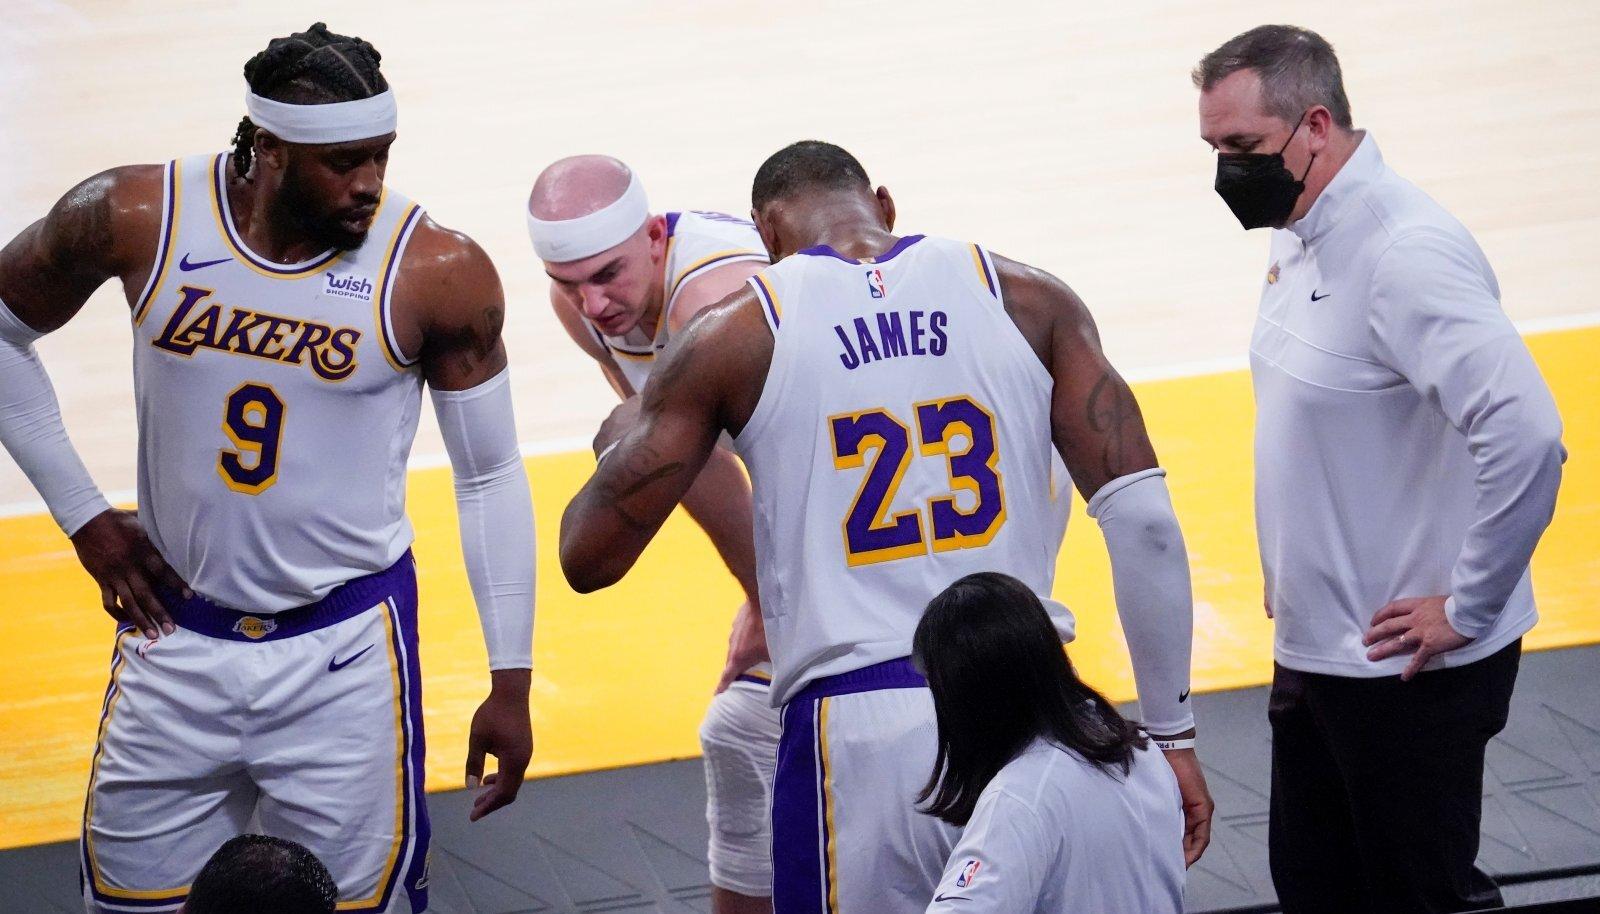 LeBron James sai vigastada ning jääb teadmata ajaks Lakersi mängudest eemale.